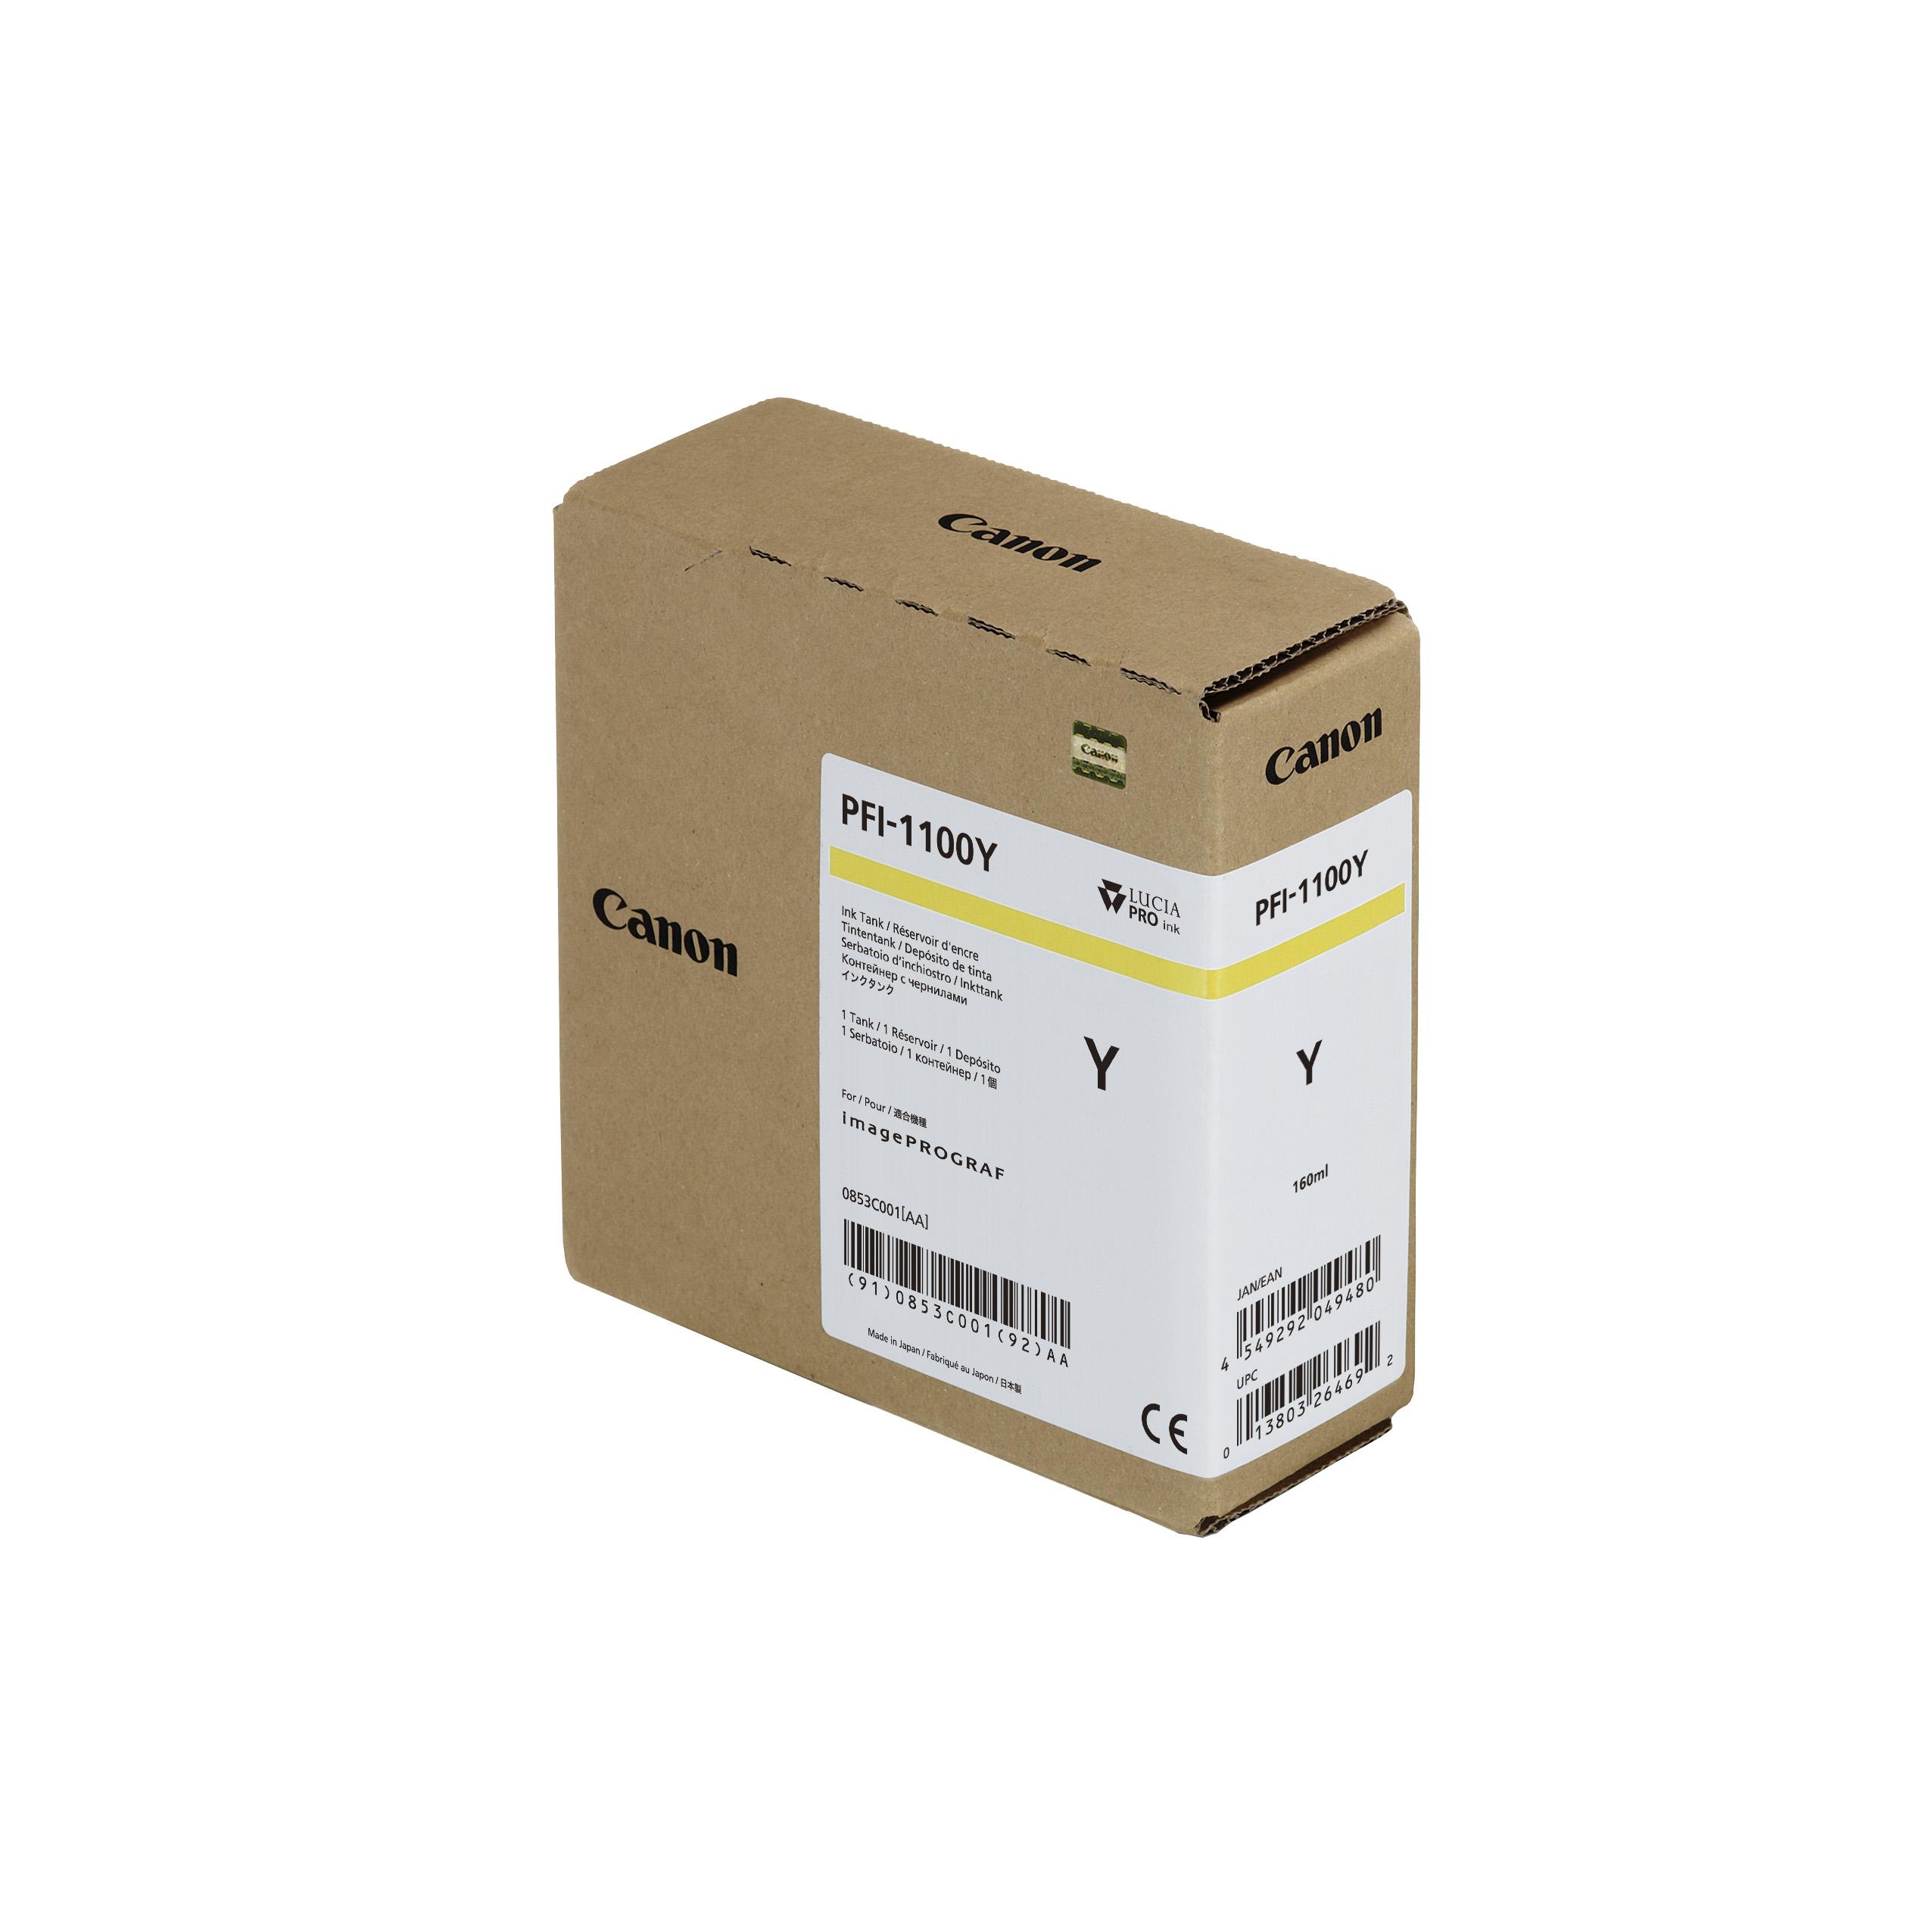 Canon PFI-1100Y Yellow Ink Tank | 160ml Cartridge | for Canon PRO-2000, PRO-2100, PRO-4000, PRO-4100S, PRO-4100, PRO-6000, PRO-6100S & PRO-6100 Printers - 0853C001AA